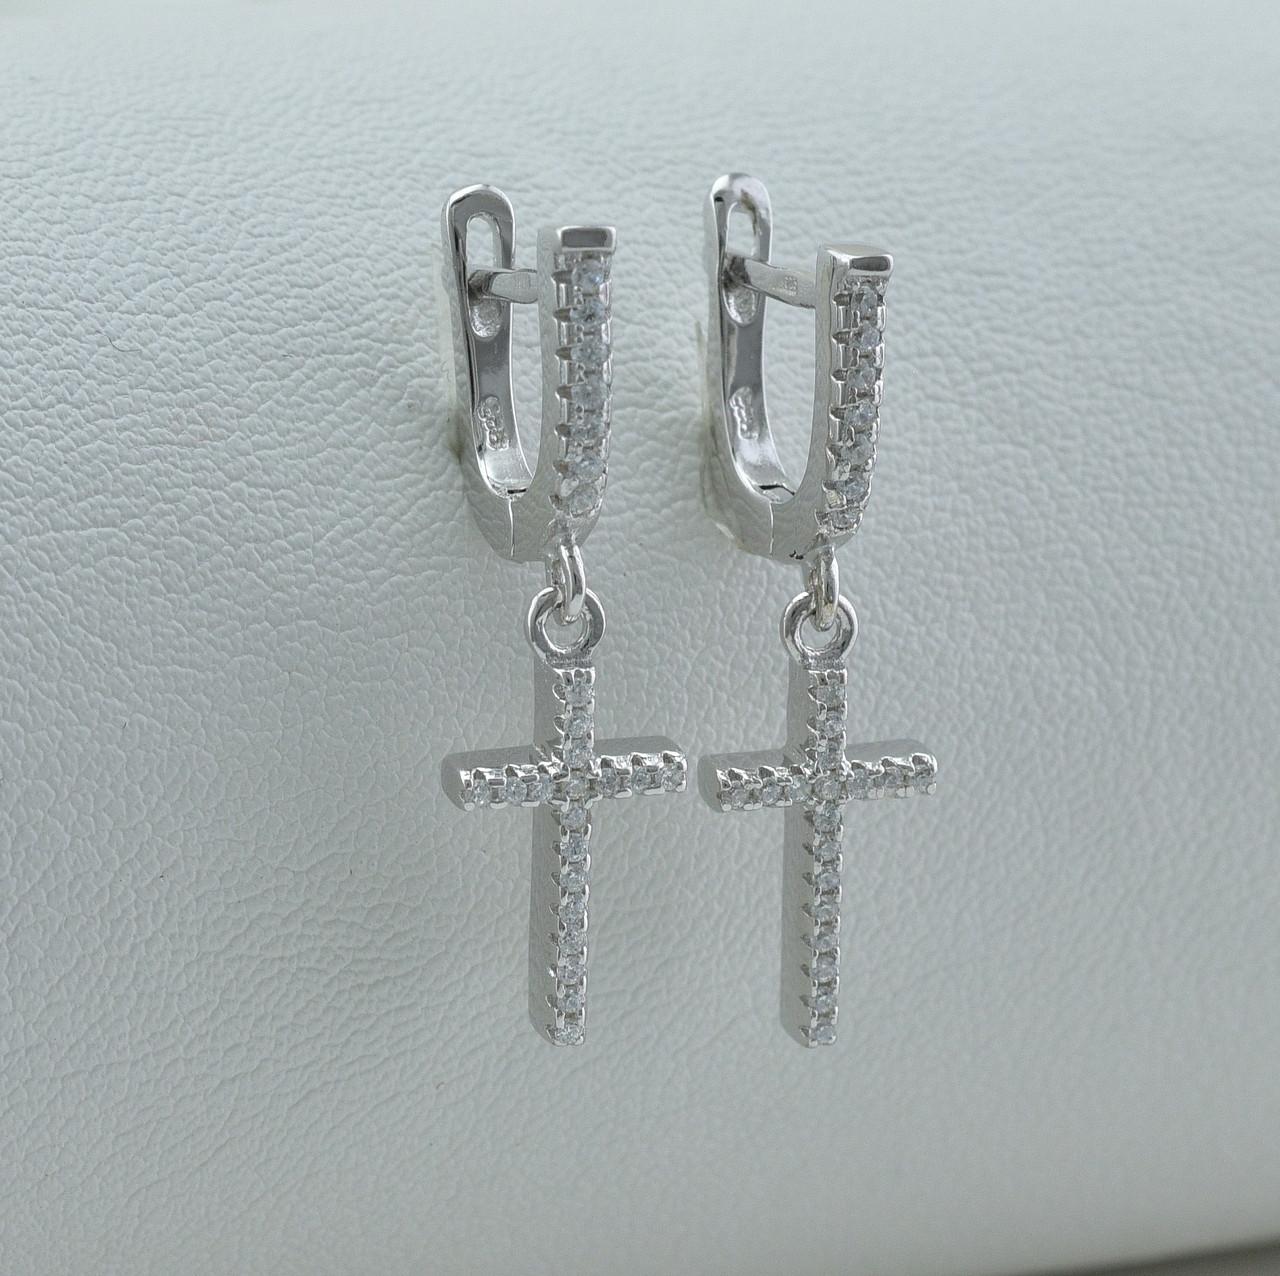 Серебряные серьги подвески  размер 27х8 мм вставка белые фианиты вес 3.8 г